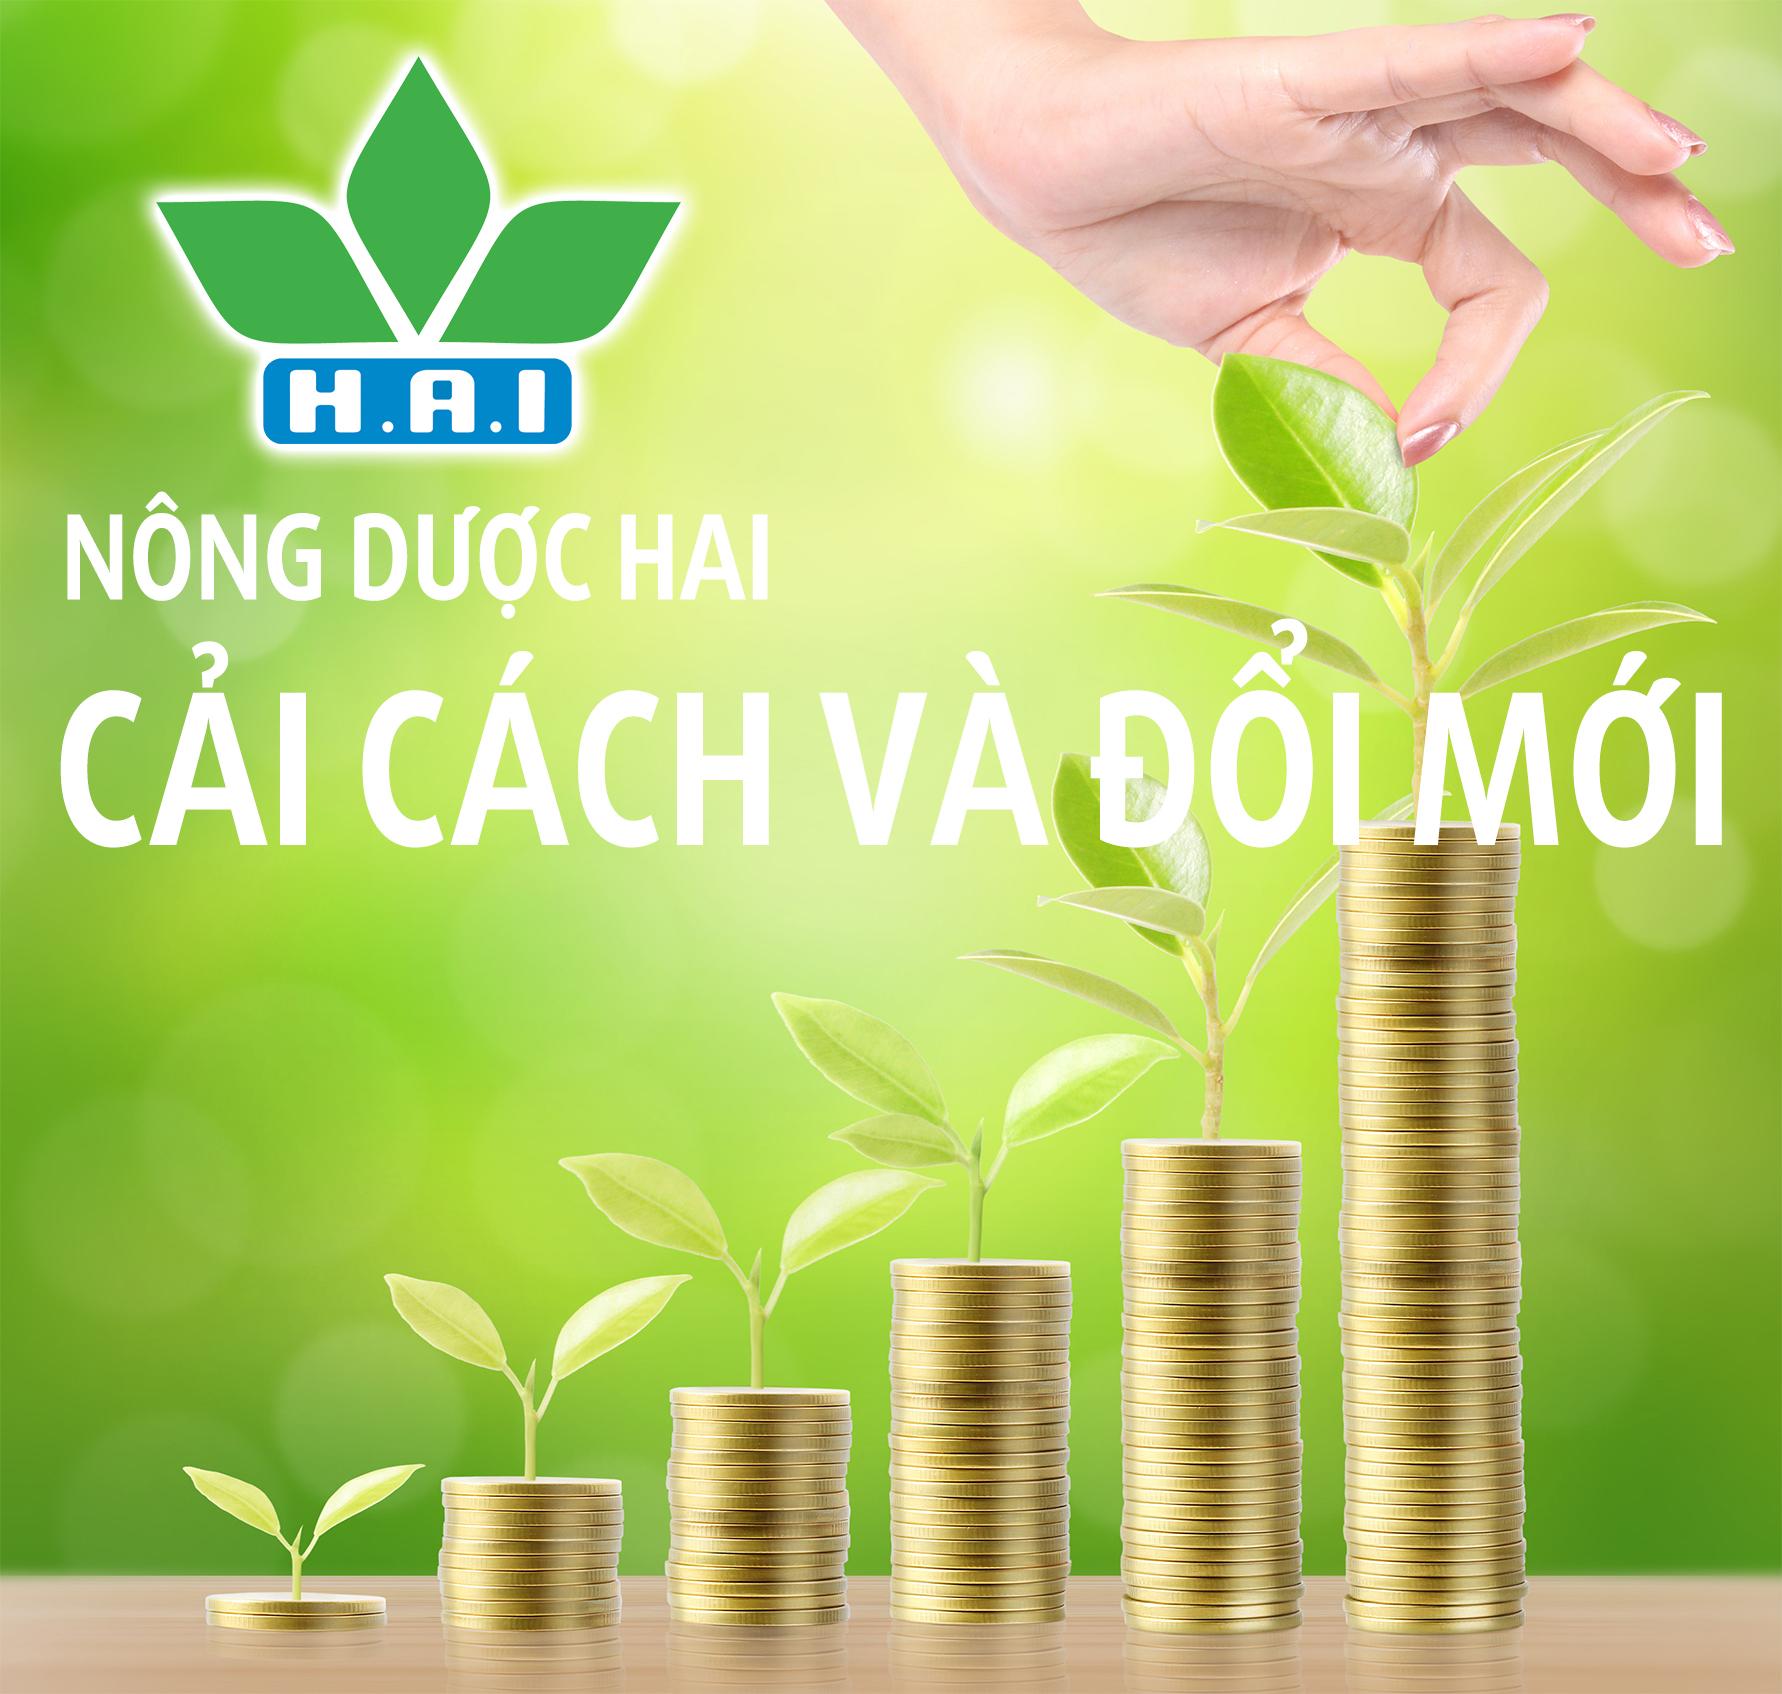 FLC hoàn thành mua thêm 5 triệu cổ phiếu Nông dược HAI